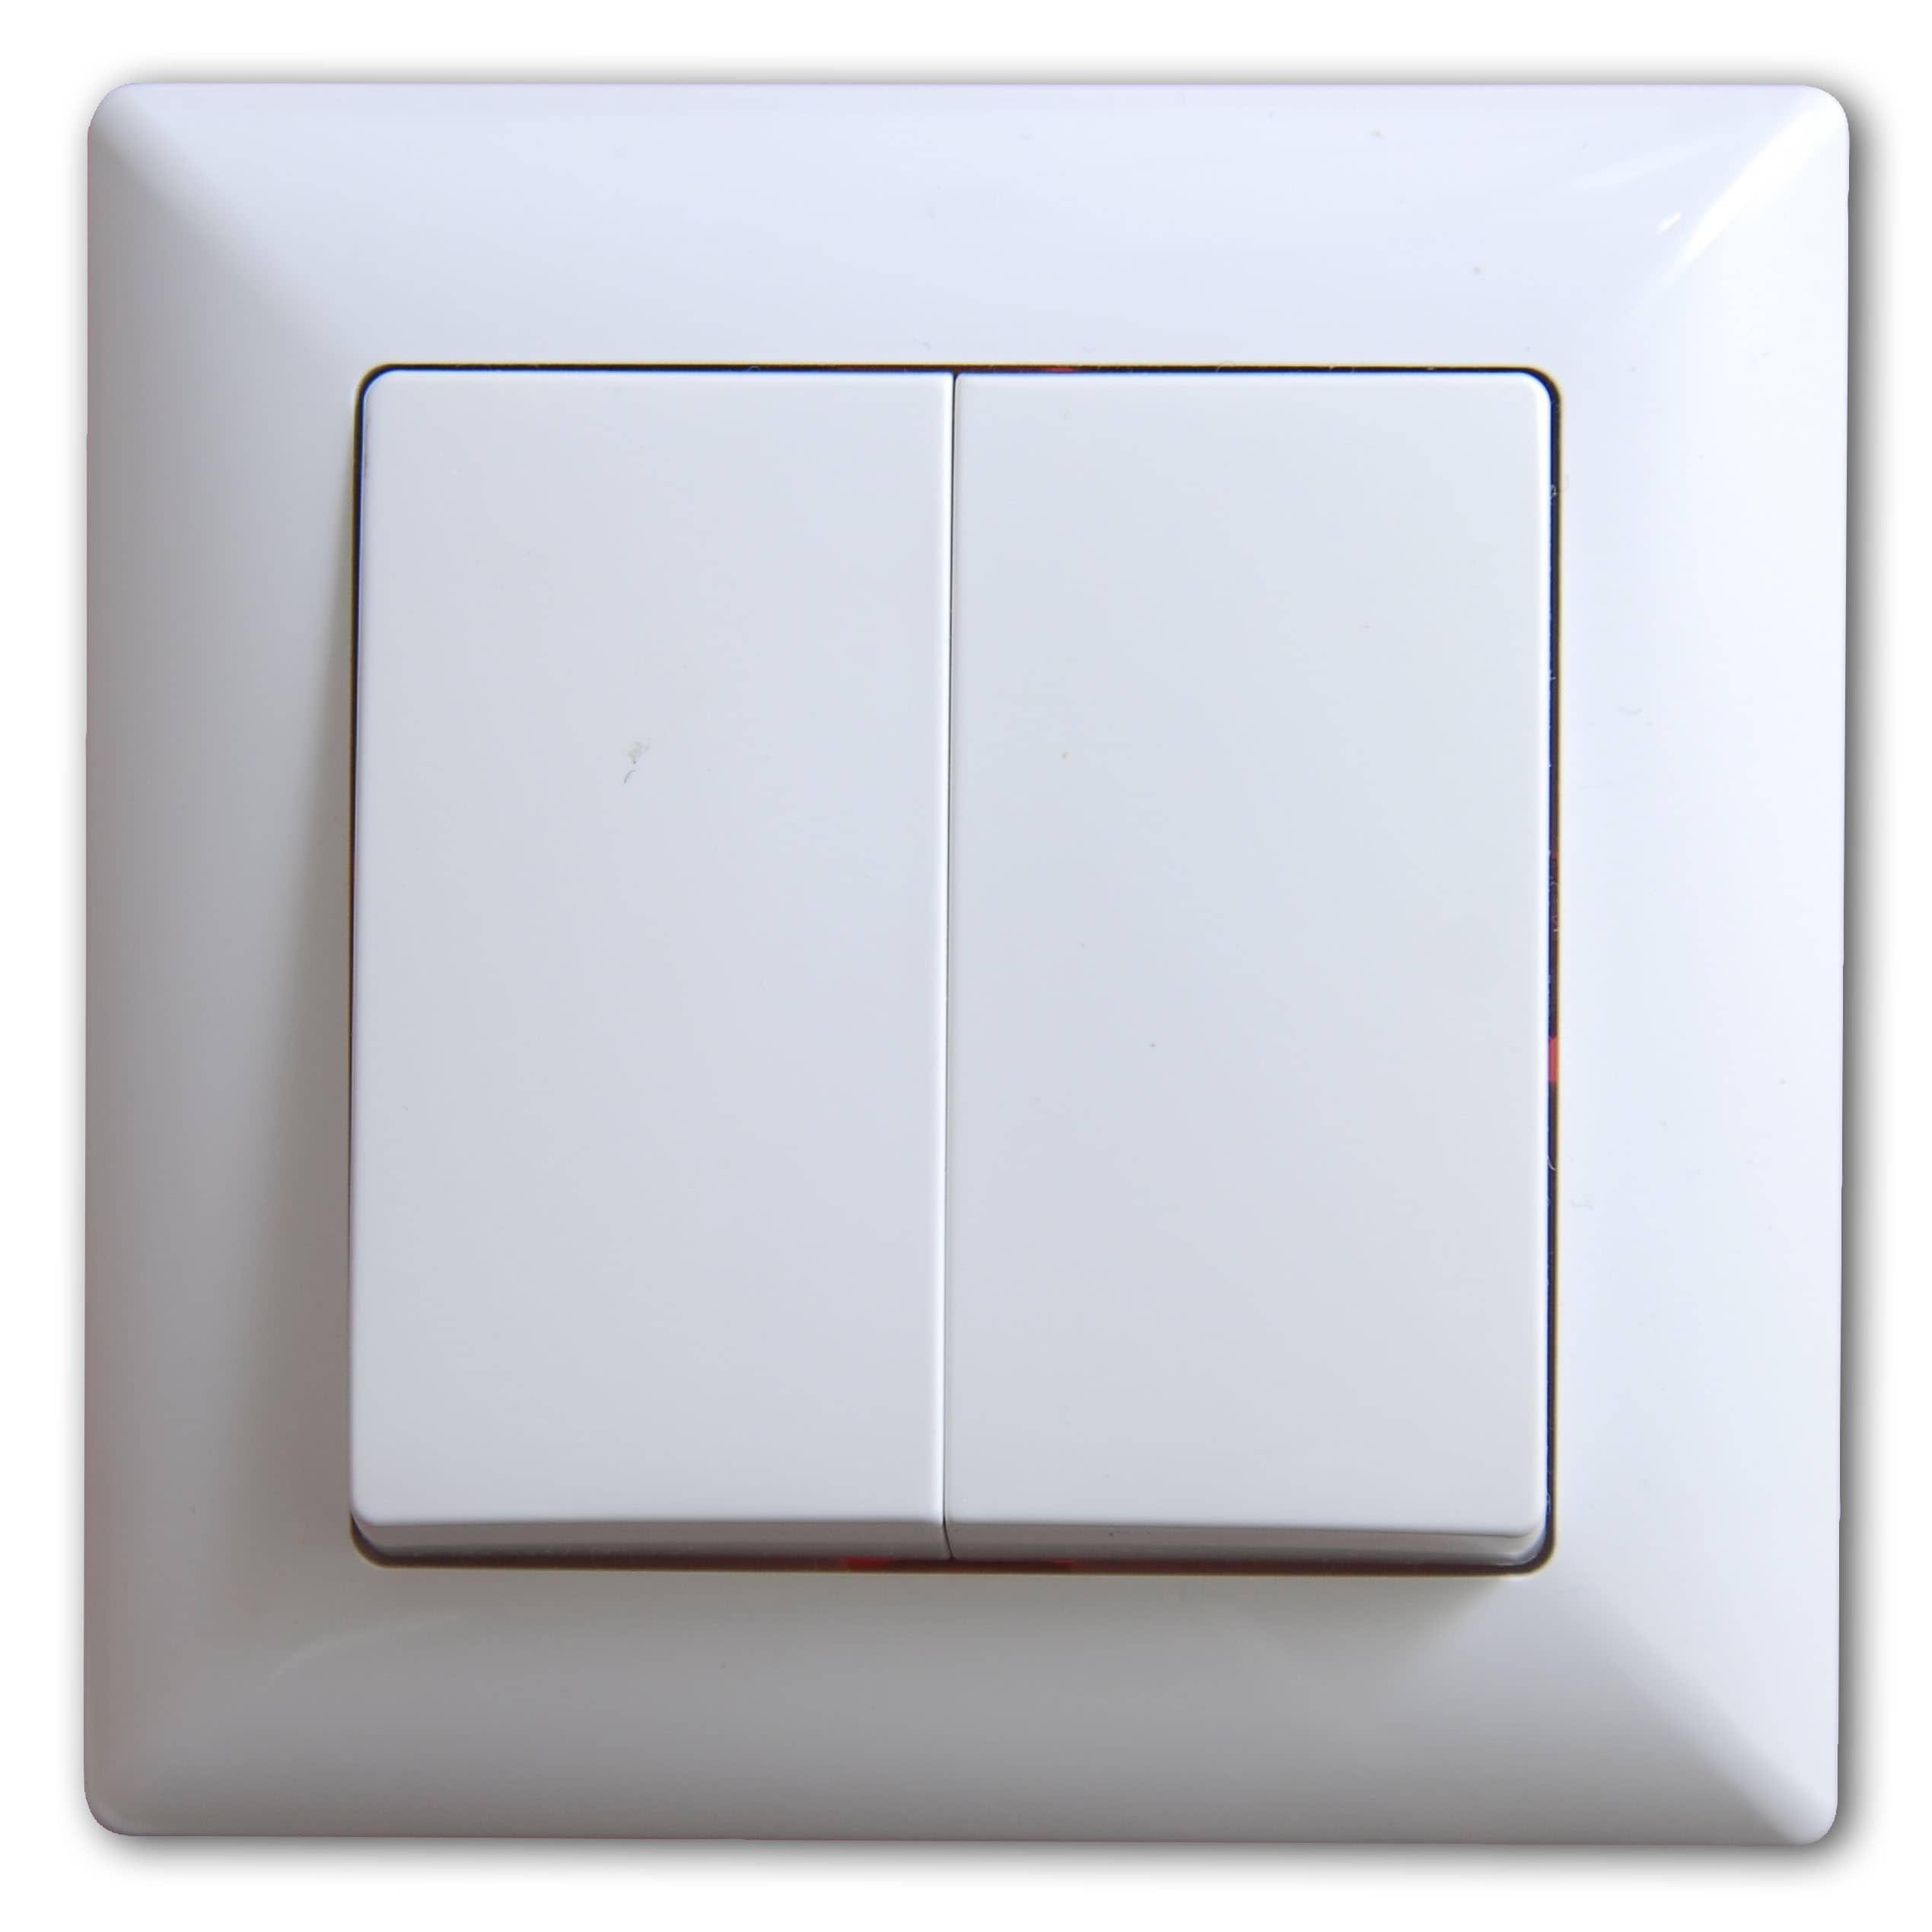 Großzügig 2 Schalter 2 Lichter Ideen - Die Besten Elektrischen ...